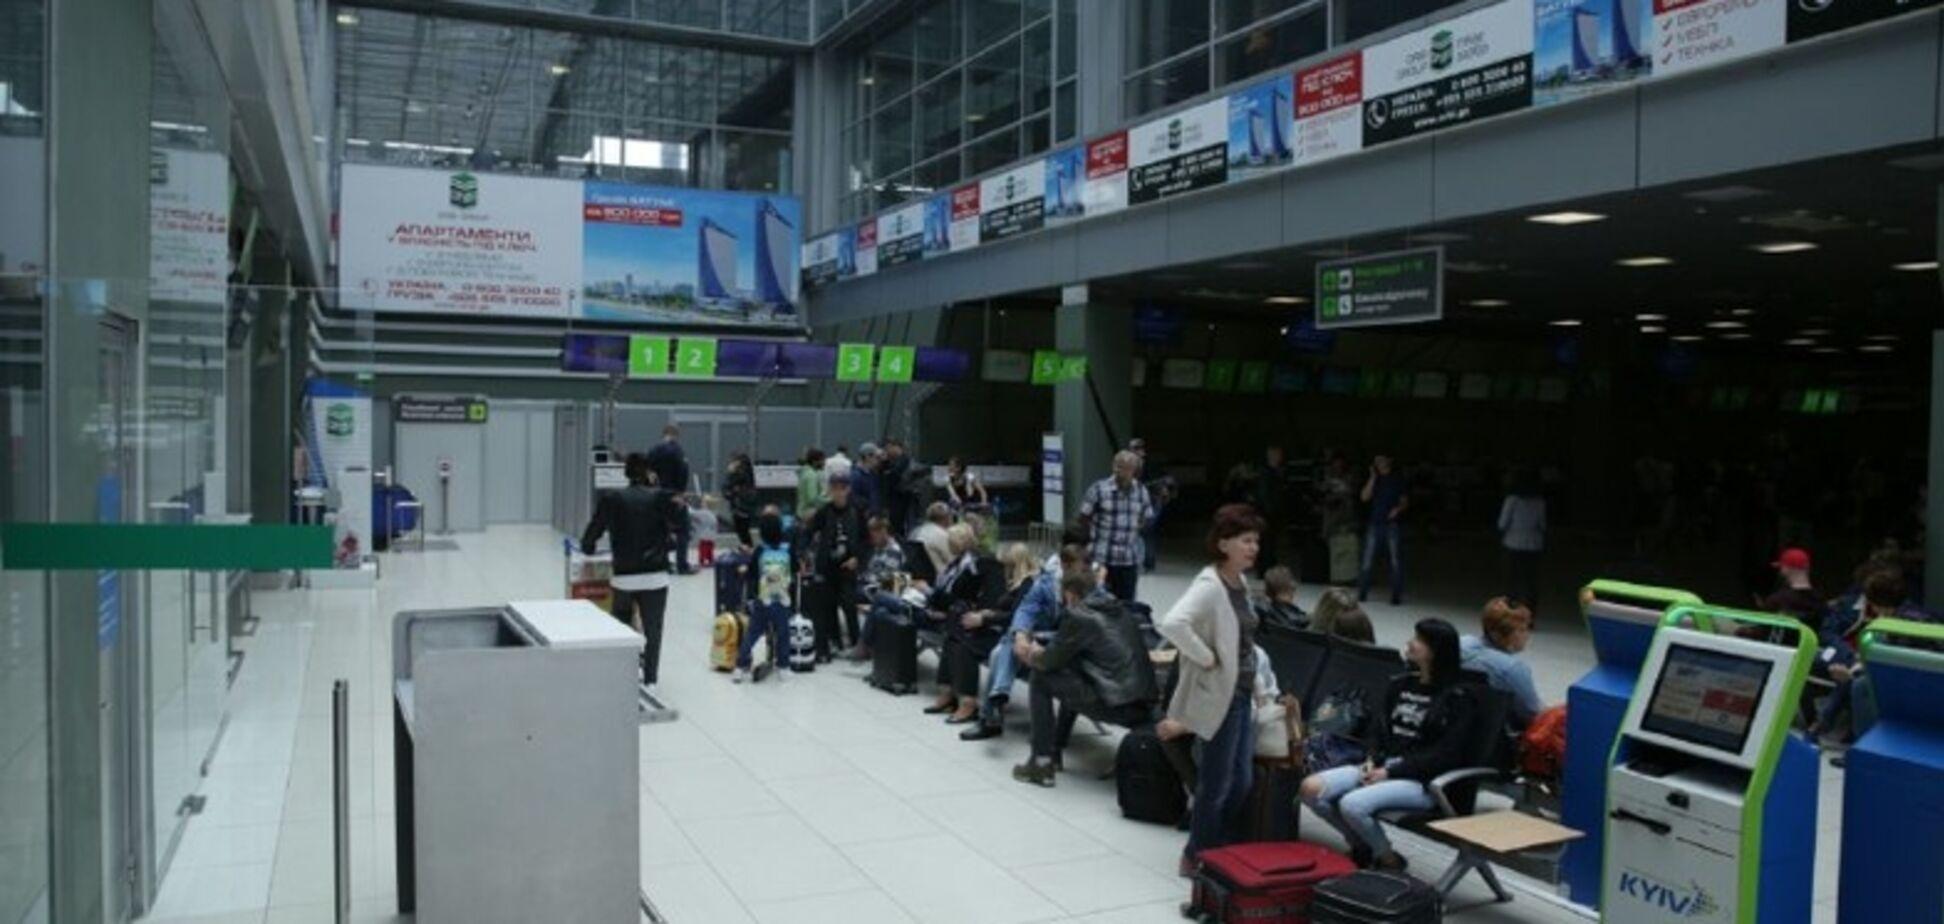 Сотни обманутых украинцев: скандального туроператора хотят лишить лицензии